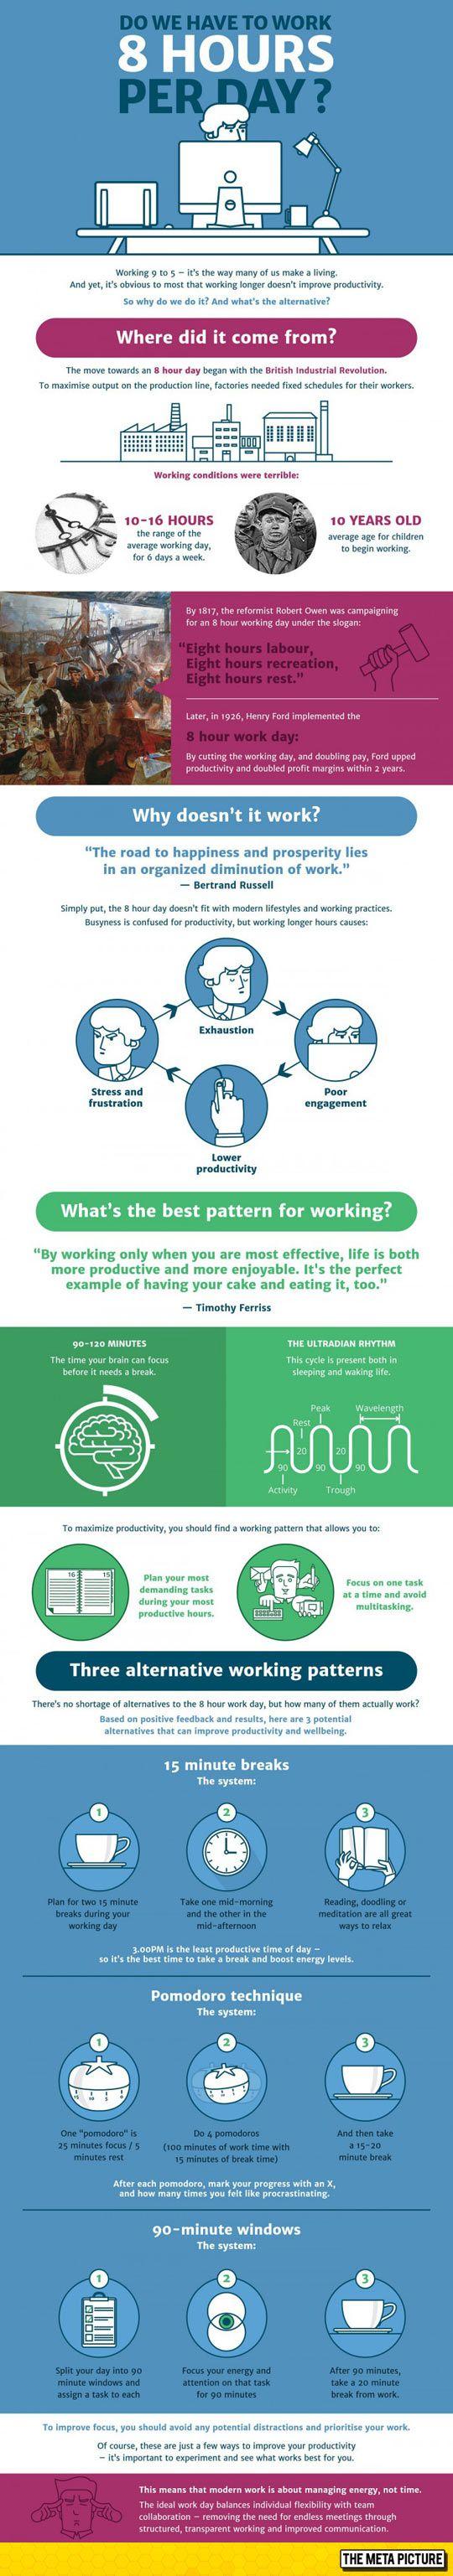 Wie heeft ooit bepaald dat een werkdag uit 8 uur bestaat? En wat is de meest optimale verhouding tussen werk en vrije tijd?